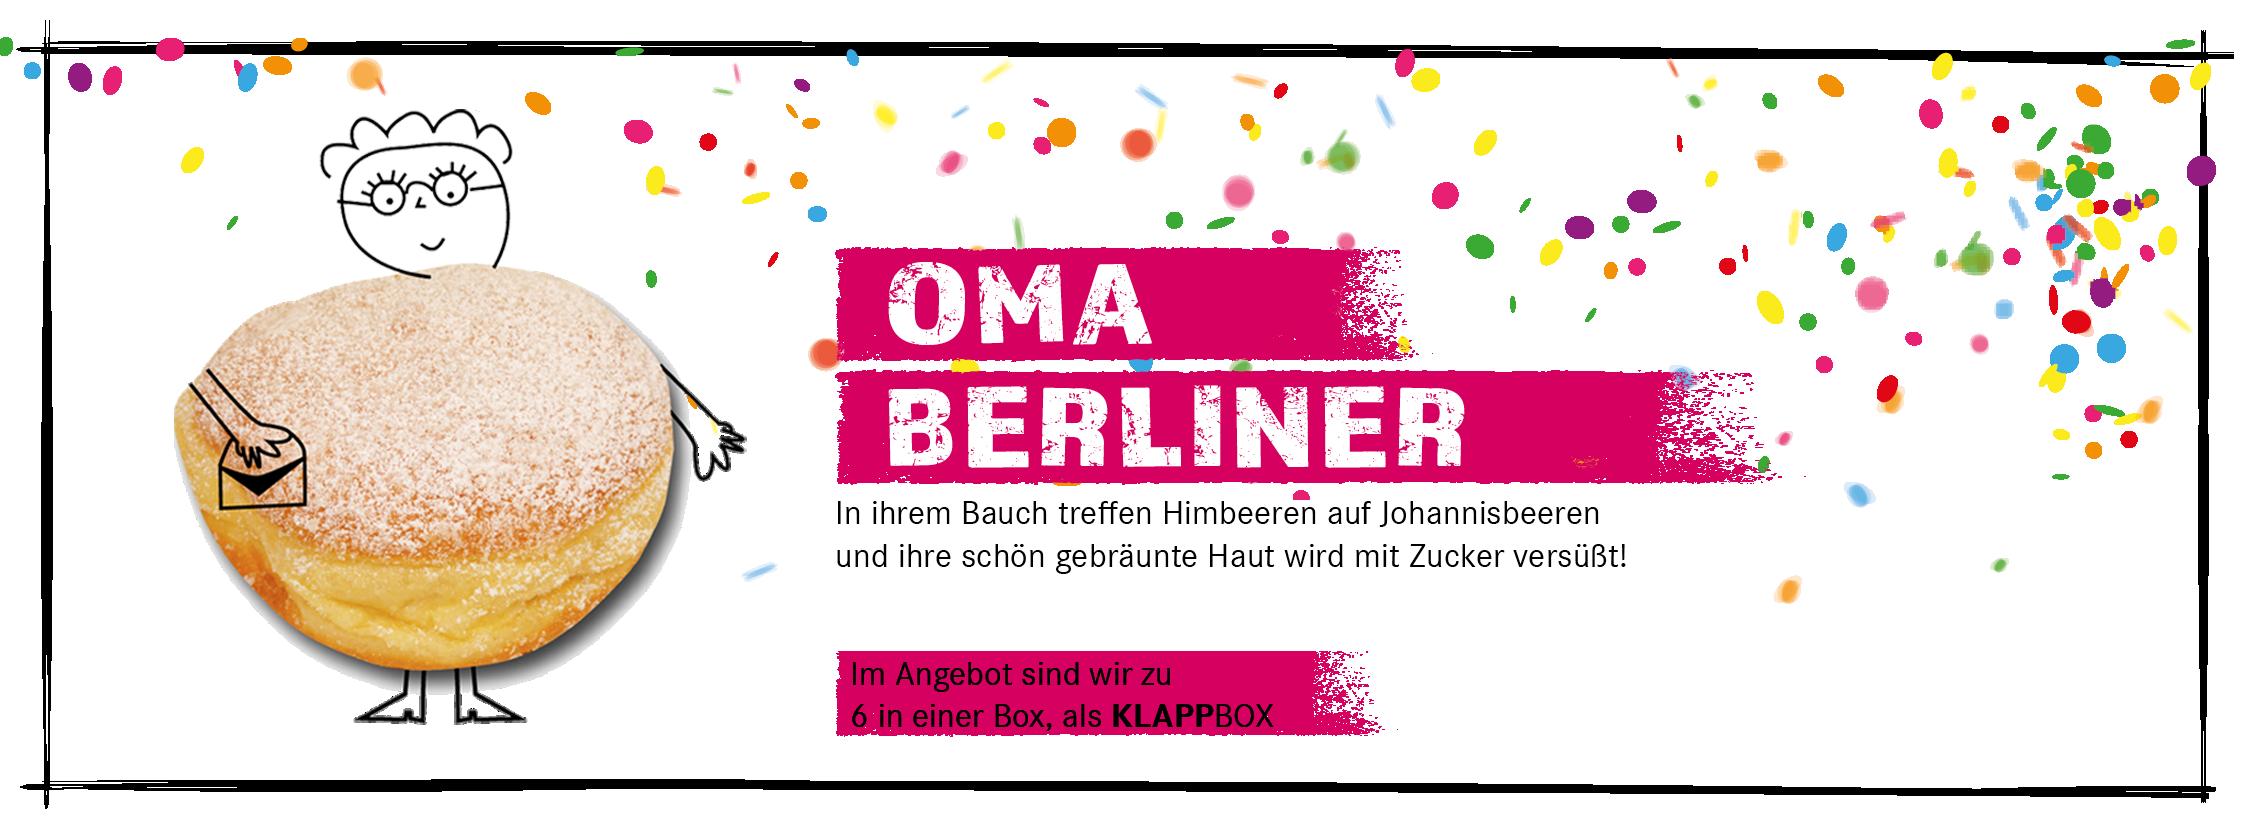 BERLINER21  - Die zuckersüße Impfdosis für den guten Zweck ist da!